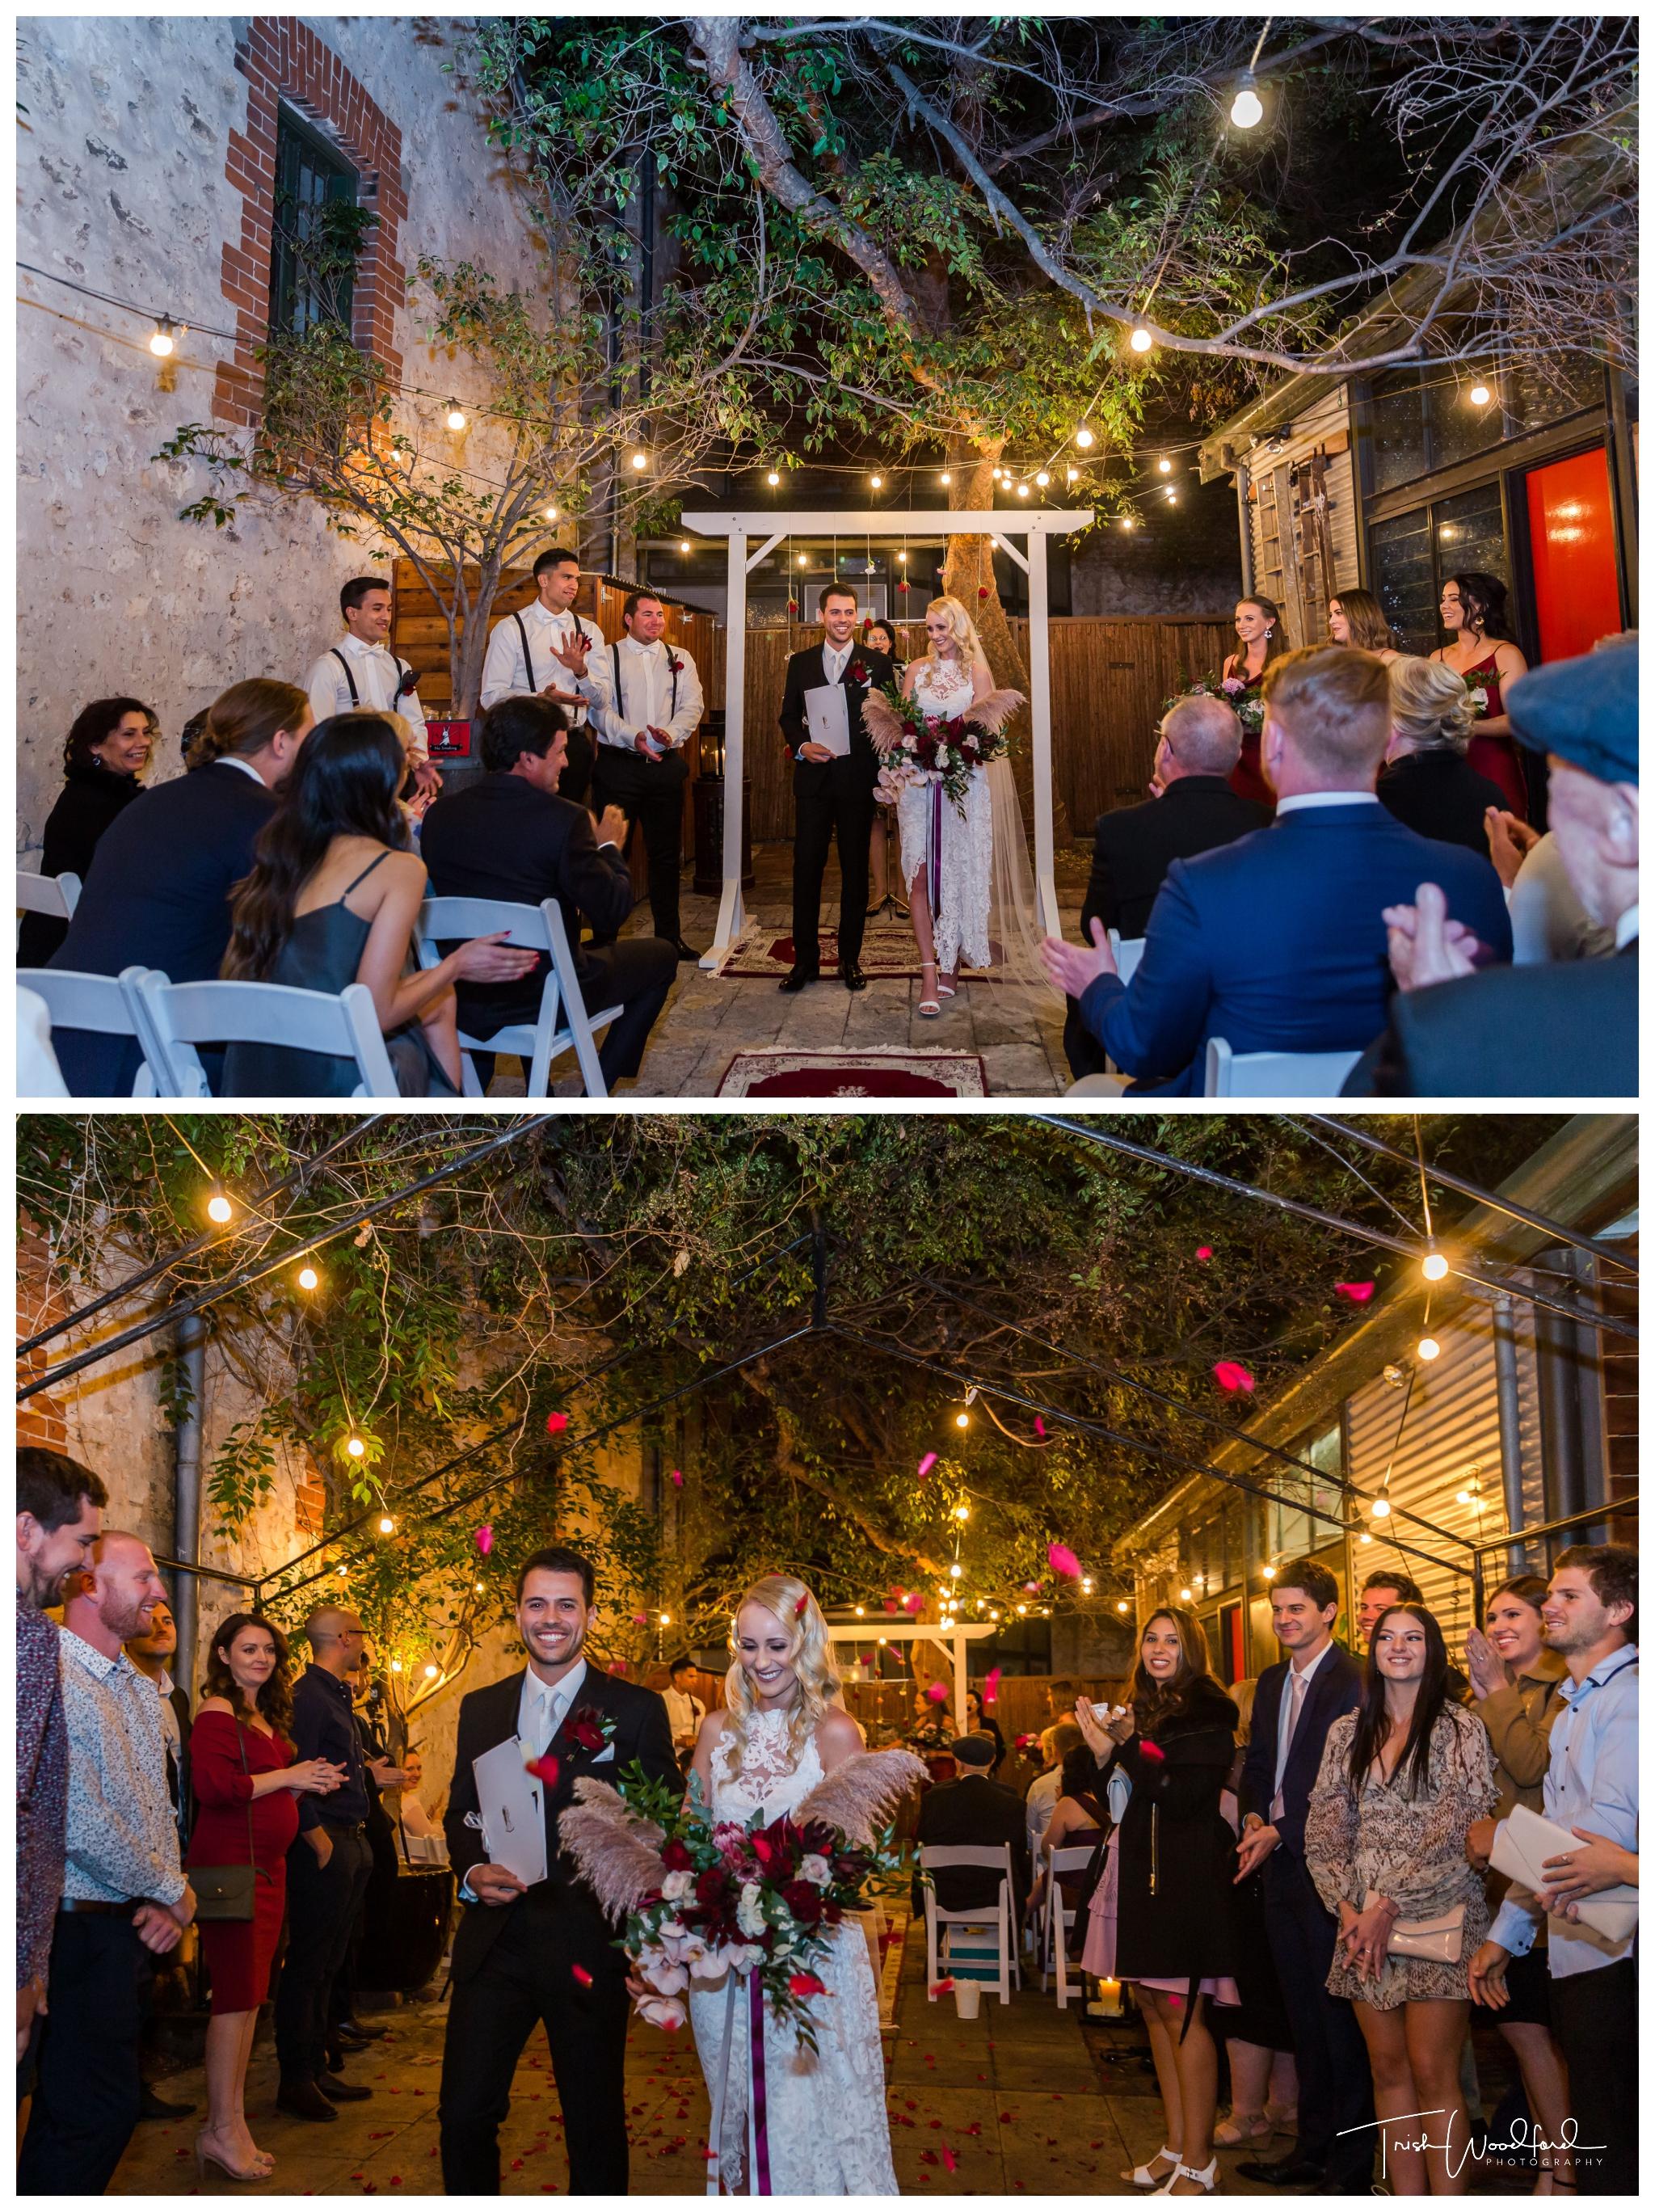 moore-and-moore-wedding-fremantle